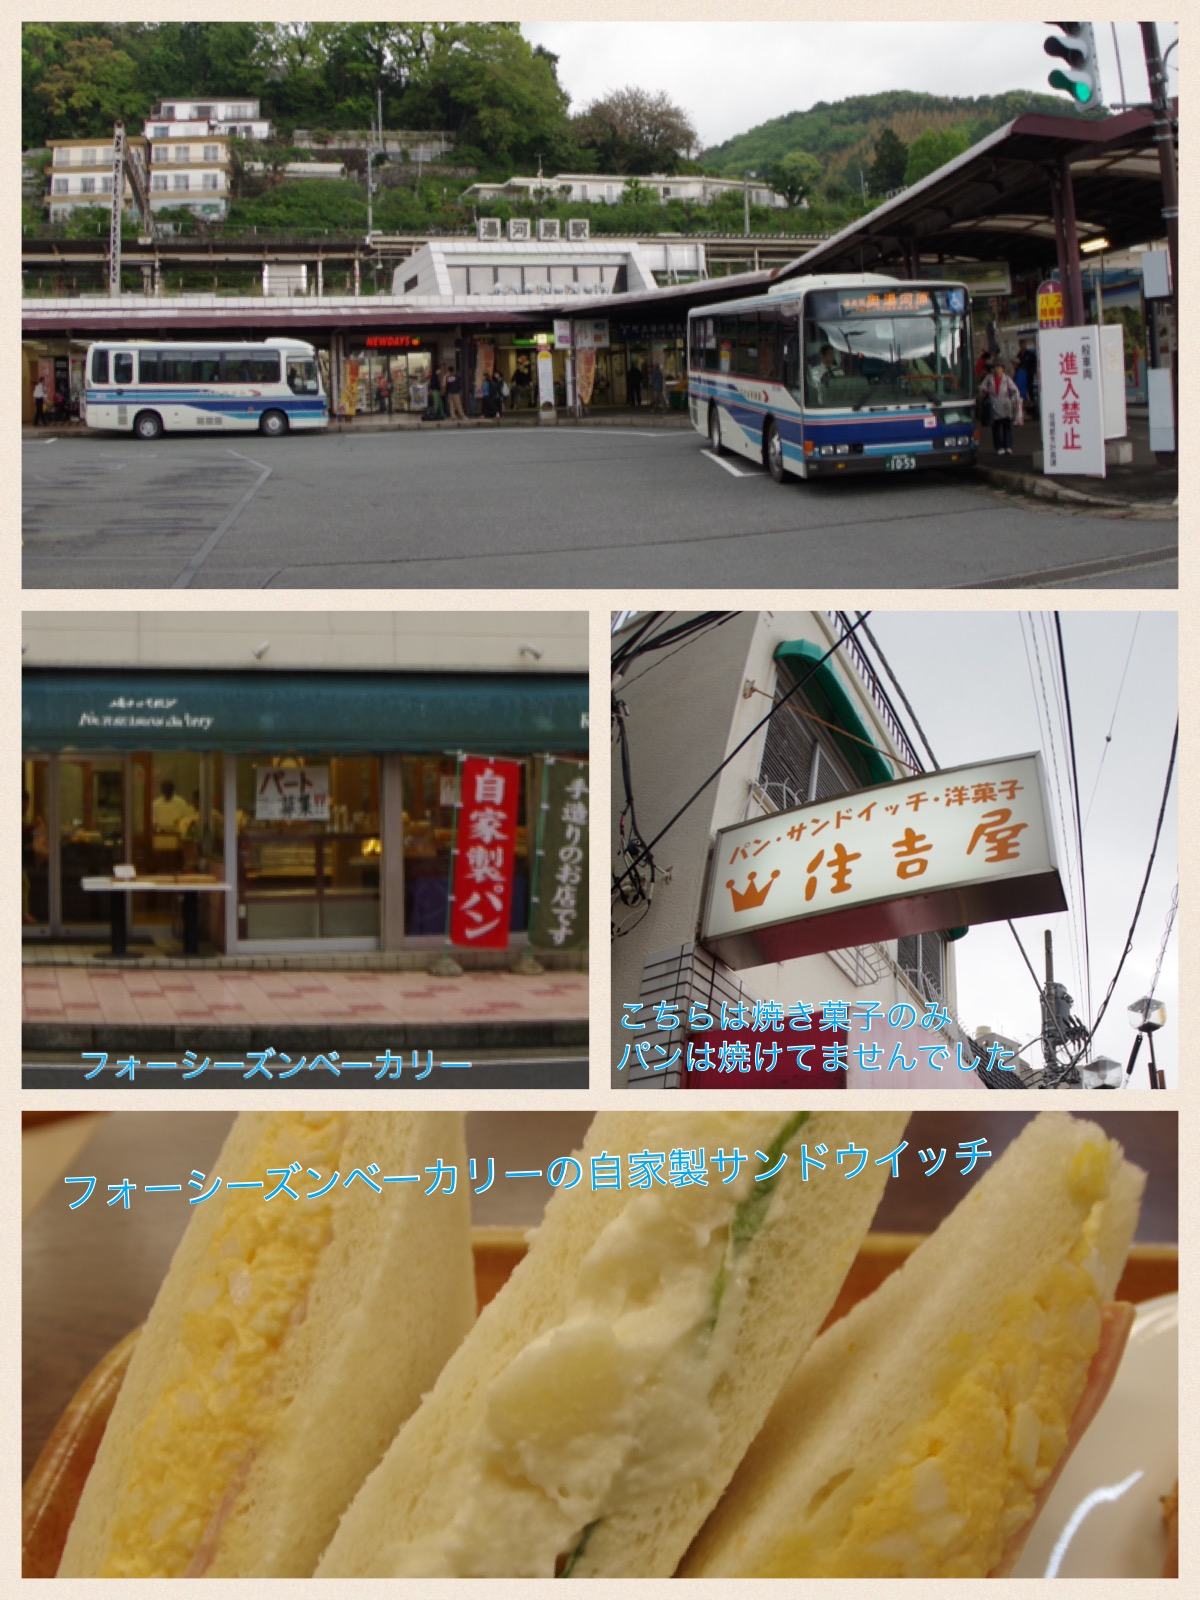 湯河原 駅前 パン屋